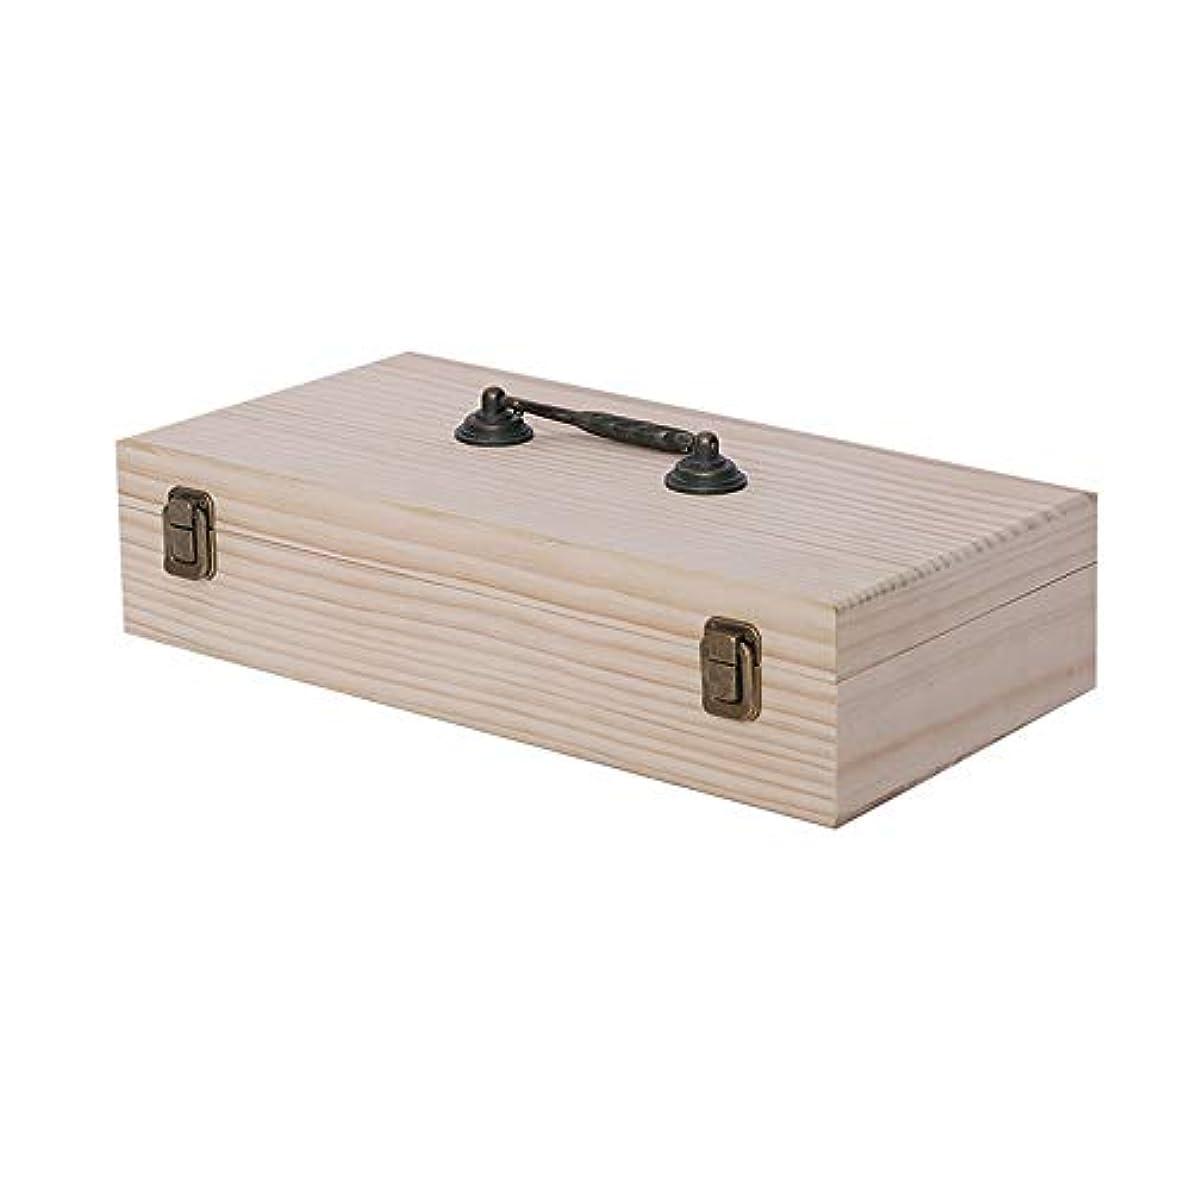 コレクション精査する受け入れエッセンシャルオイルの保管 46スロット木エッセンシャルオイルボックス収納ディスプレイの旅行プレゼンテーション用ケースオーガナイザーホルダーキャリーは、エレガントな装飾的なデザインでは5?15ミリリットルボトルを保護します...